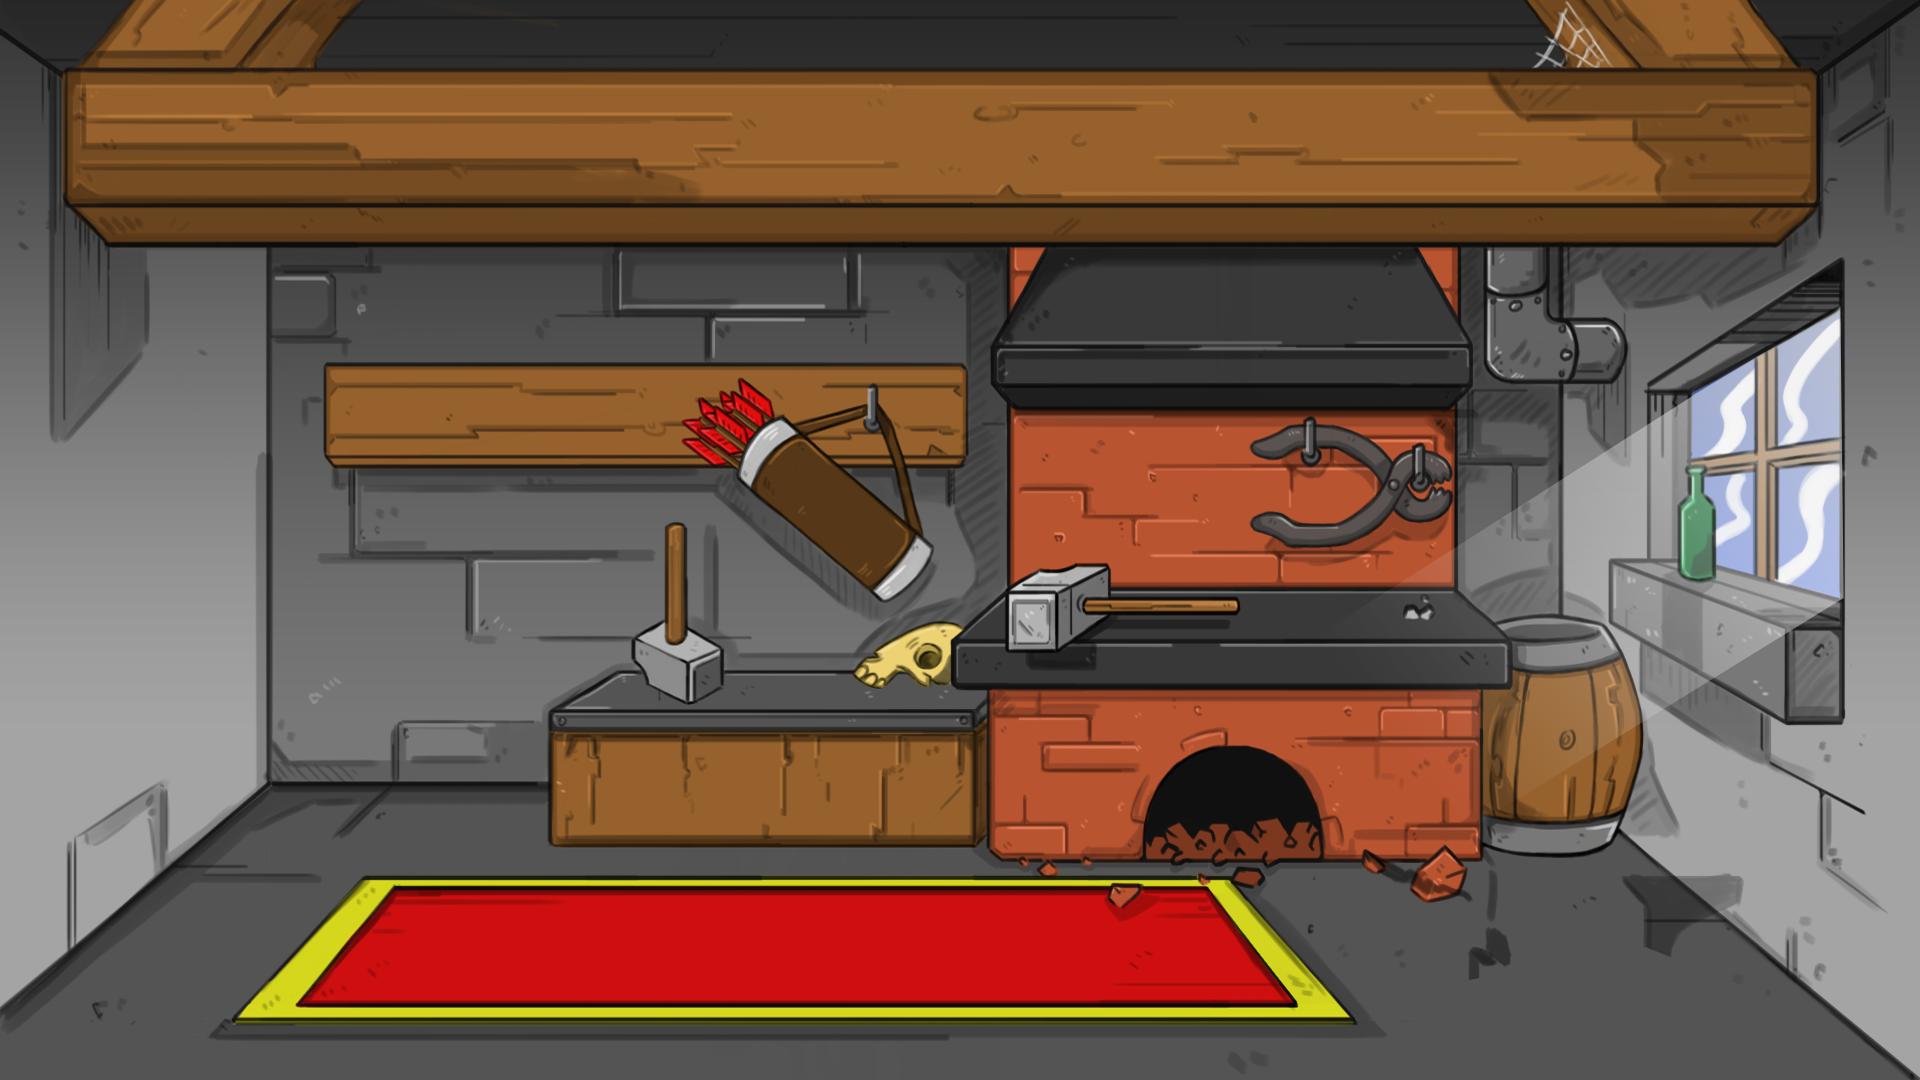 Unity 2D Character Tutorials - Cat Trap Studios